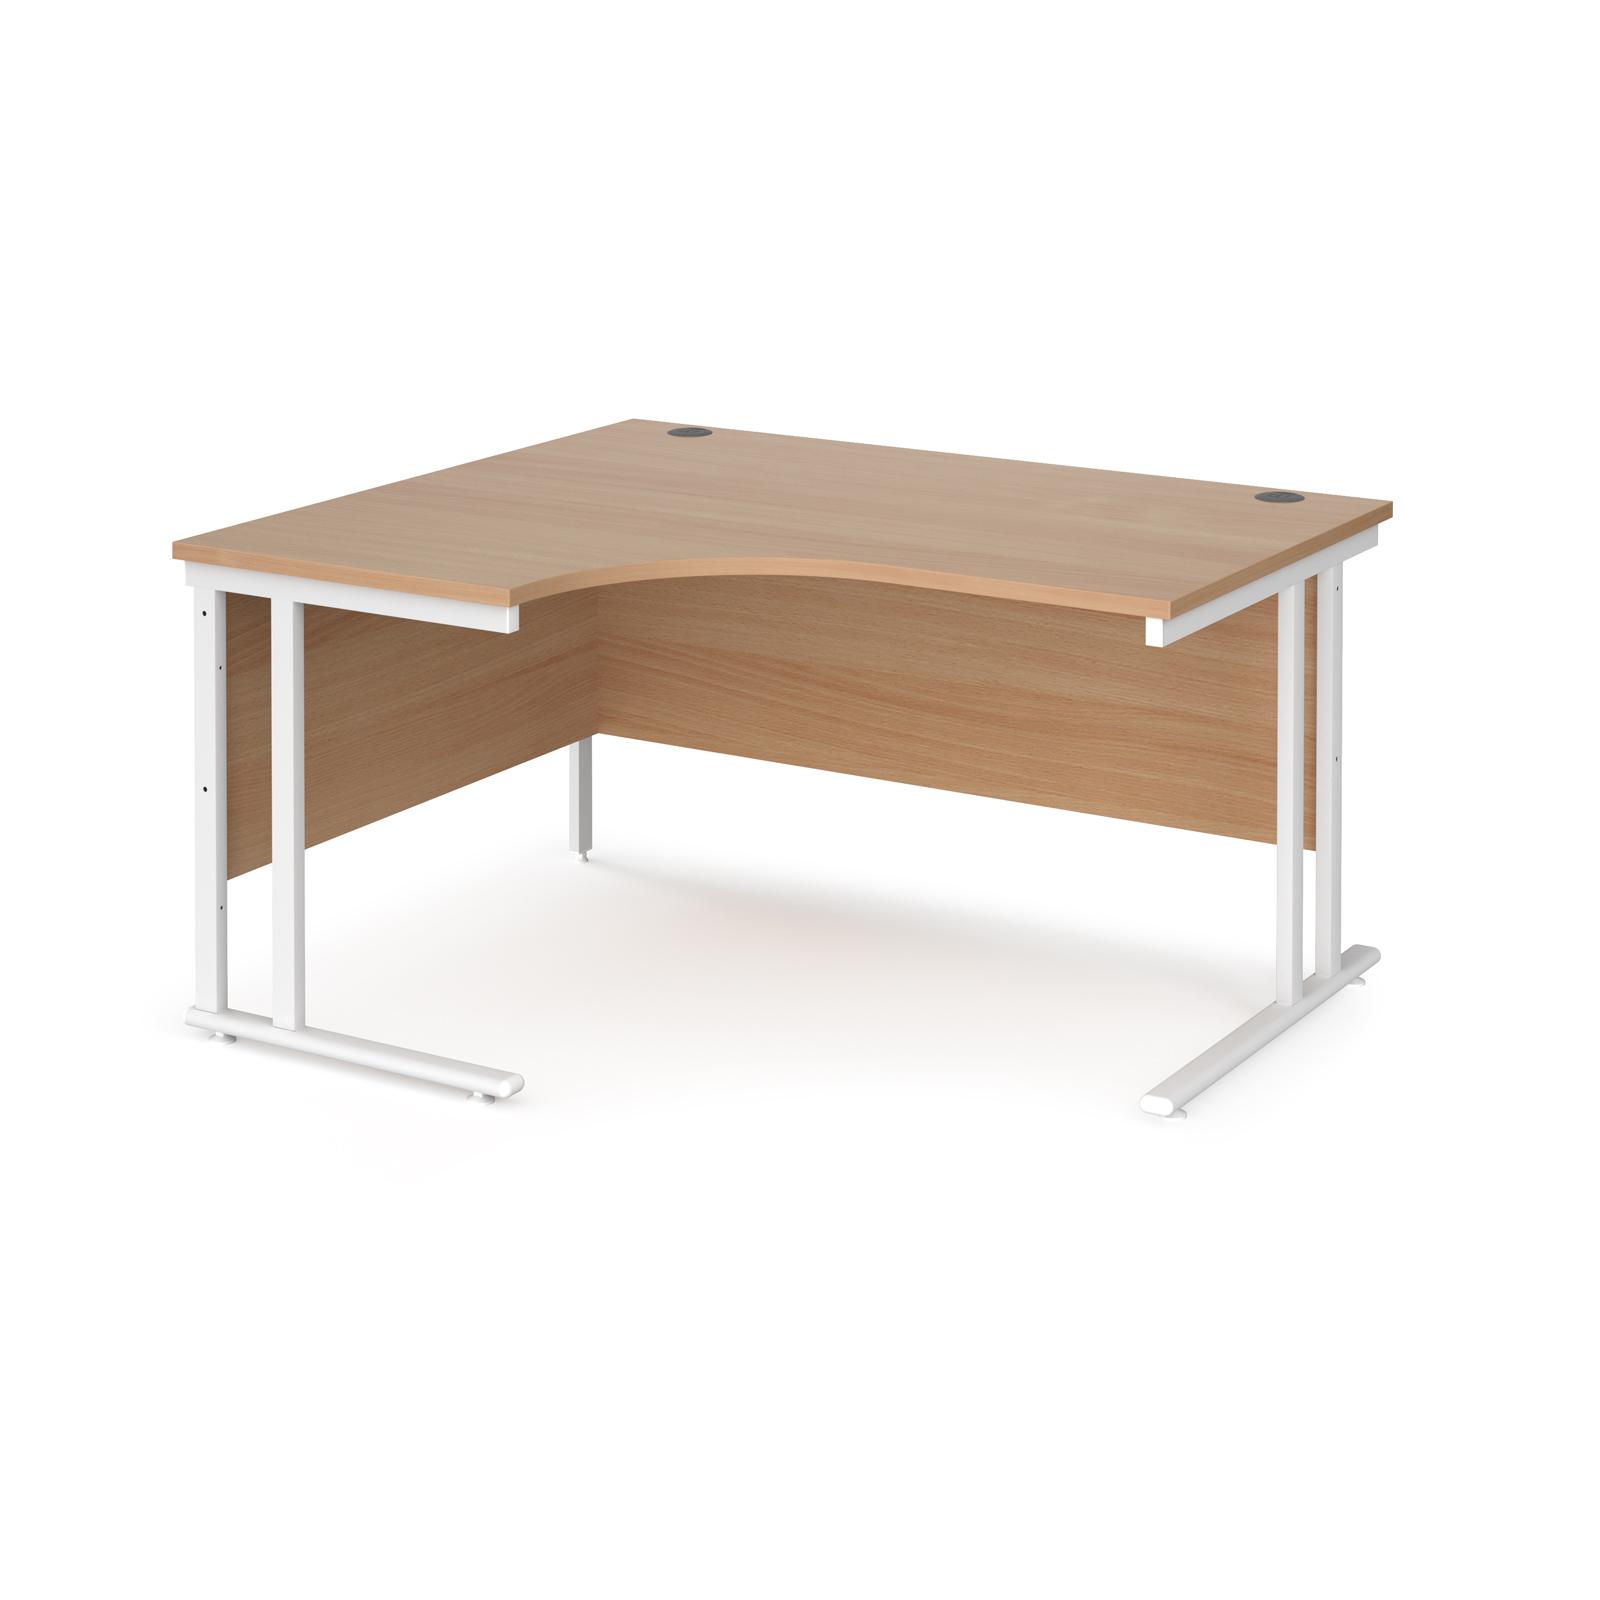 Left Handed Maestro 25 left hand ergonomic desk 1400mm wide - white cantilever leg frame, beech top